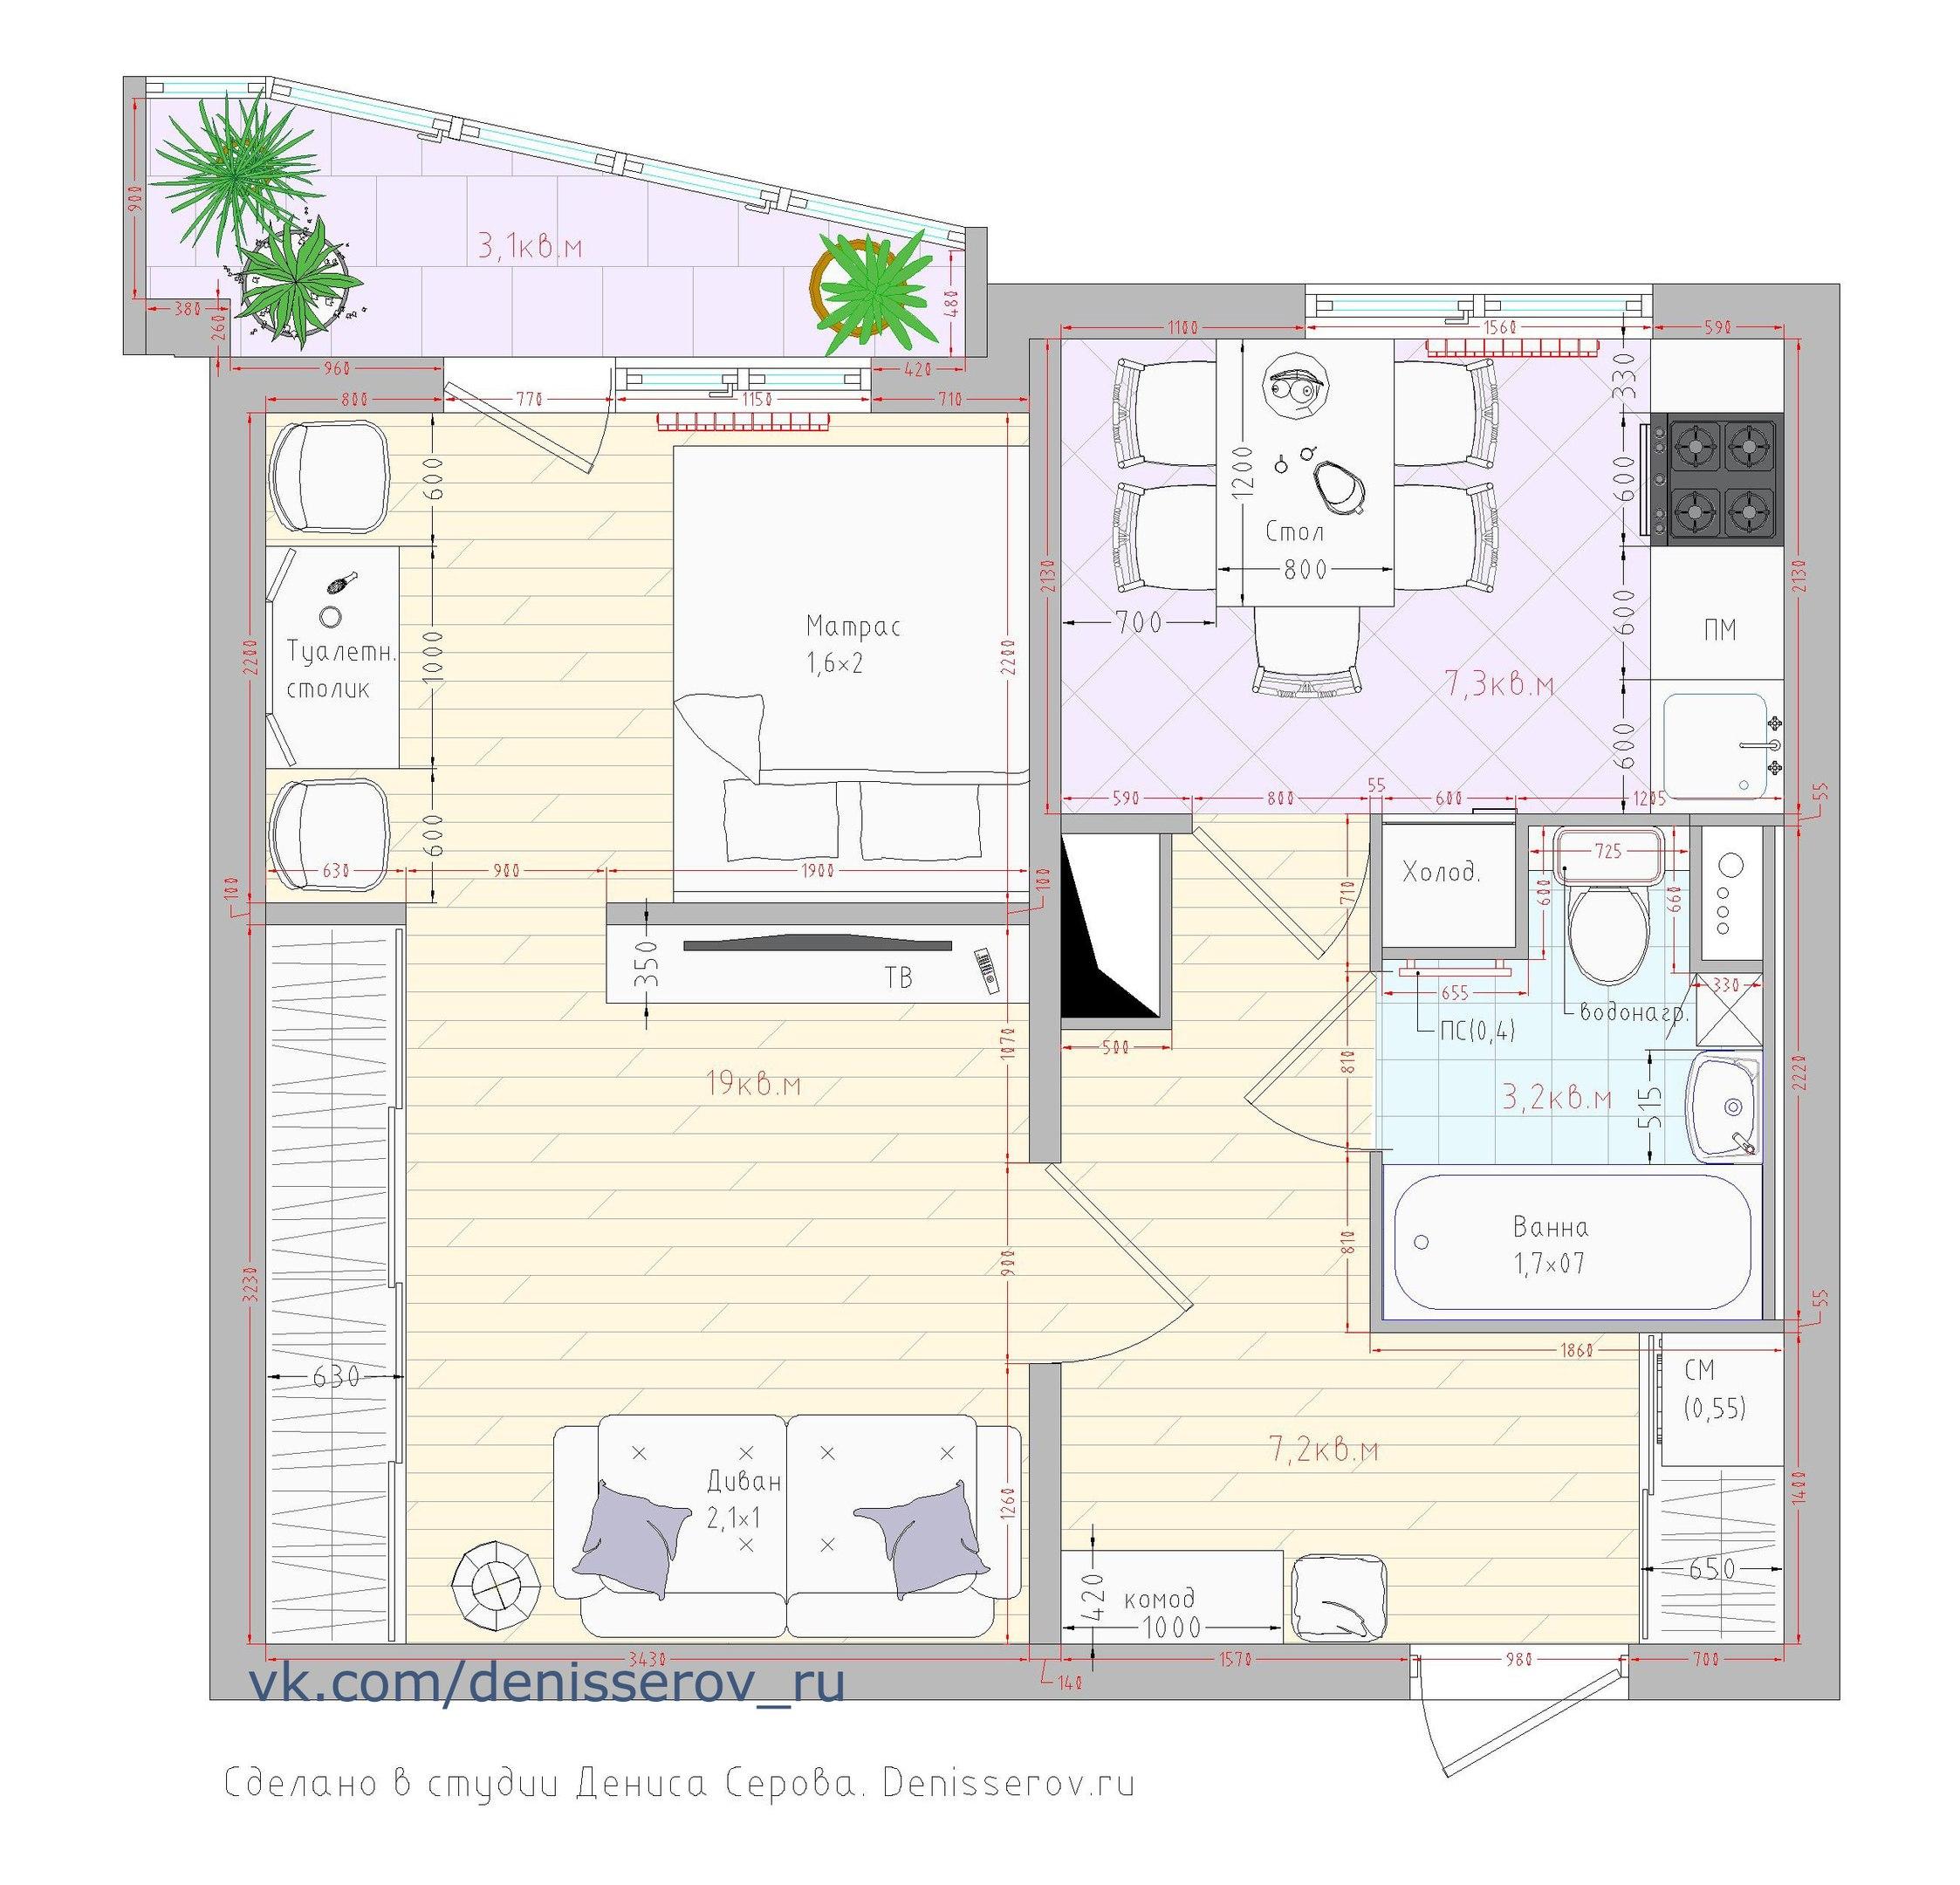 Планировка 1 однокомнатной квартиры п44т фото с размерами